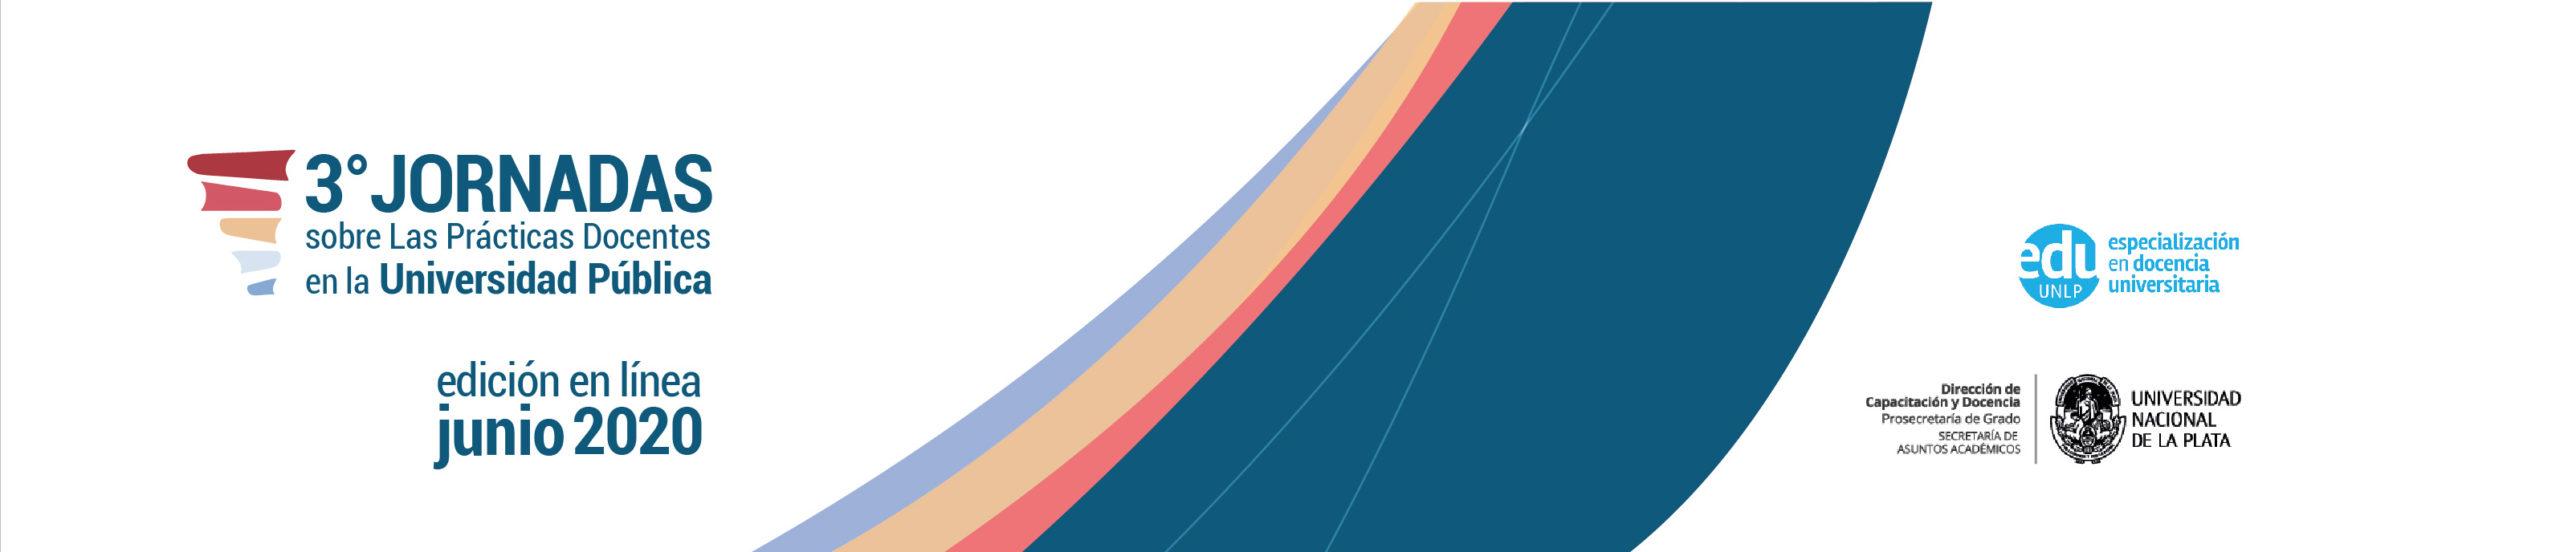 3º Jornadas sobre las Prácticas Docentes en la Universidad Pública Logo